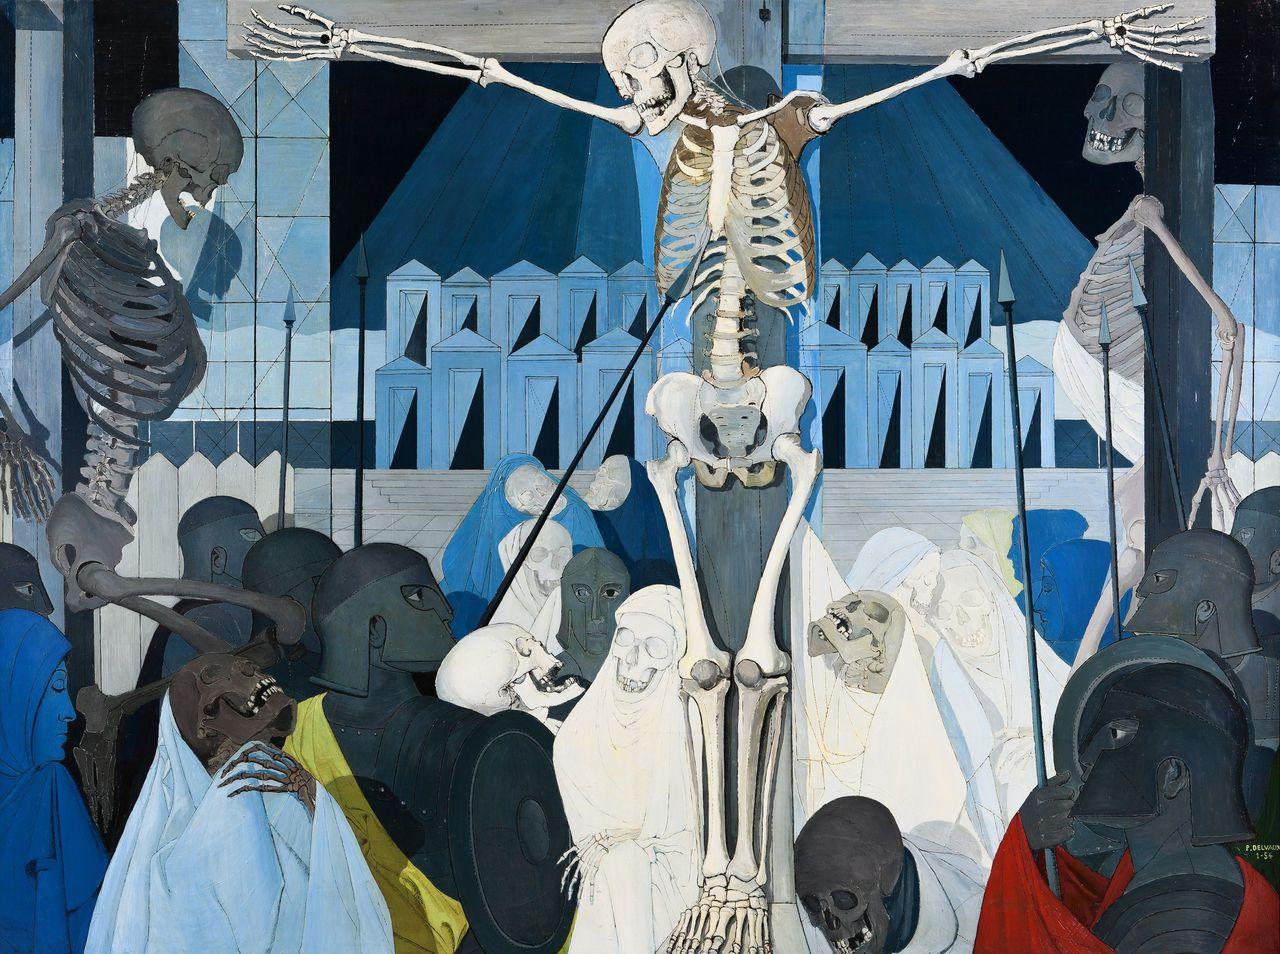 Paul Delvaux, De kruisiging (1954). Olieverf op doek, 200 x 270 cm. Privéverzameling, in depot in het Museum van Elsene.